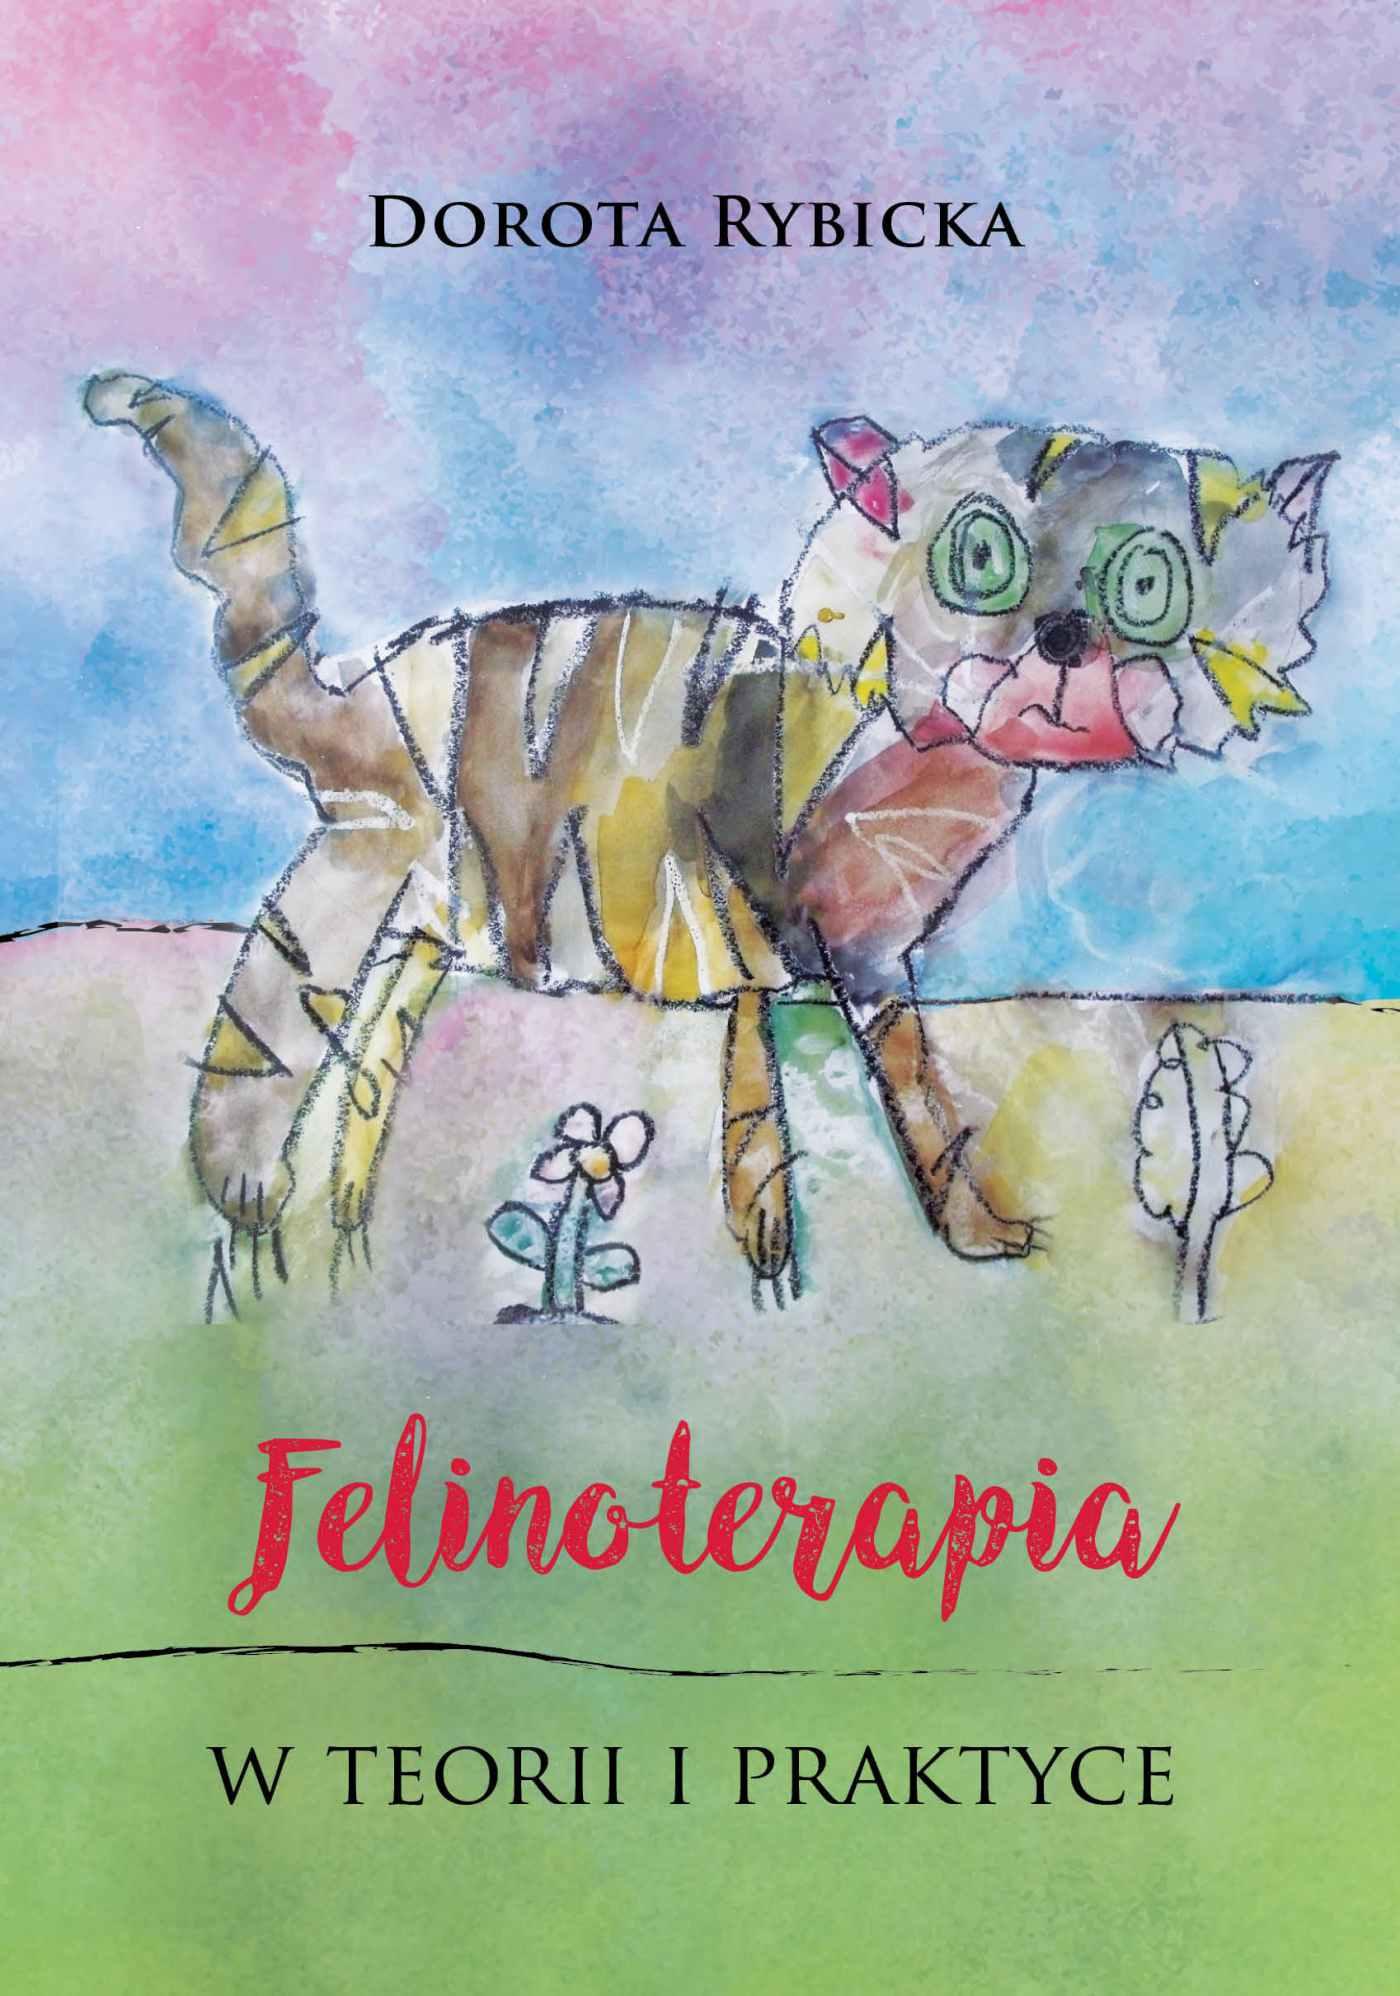 Felinoterapia w teorii i praktyce - Ebook (Książka na Kindle) do pobrania w formacie MOBI